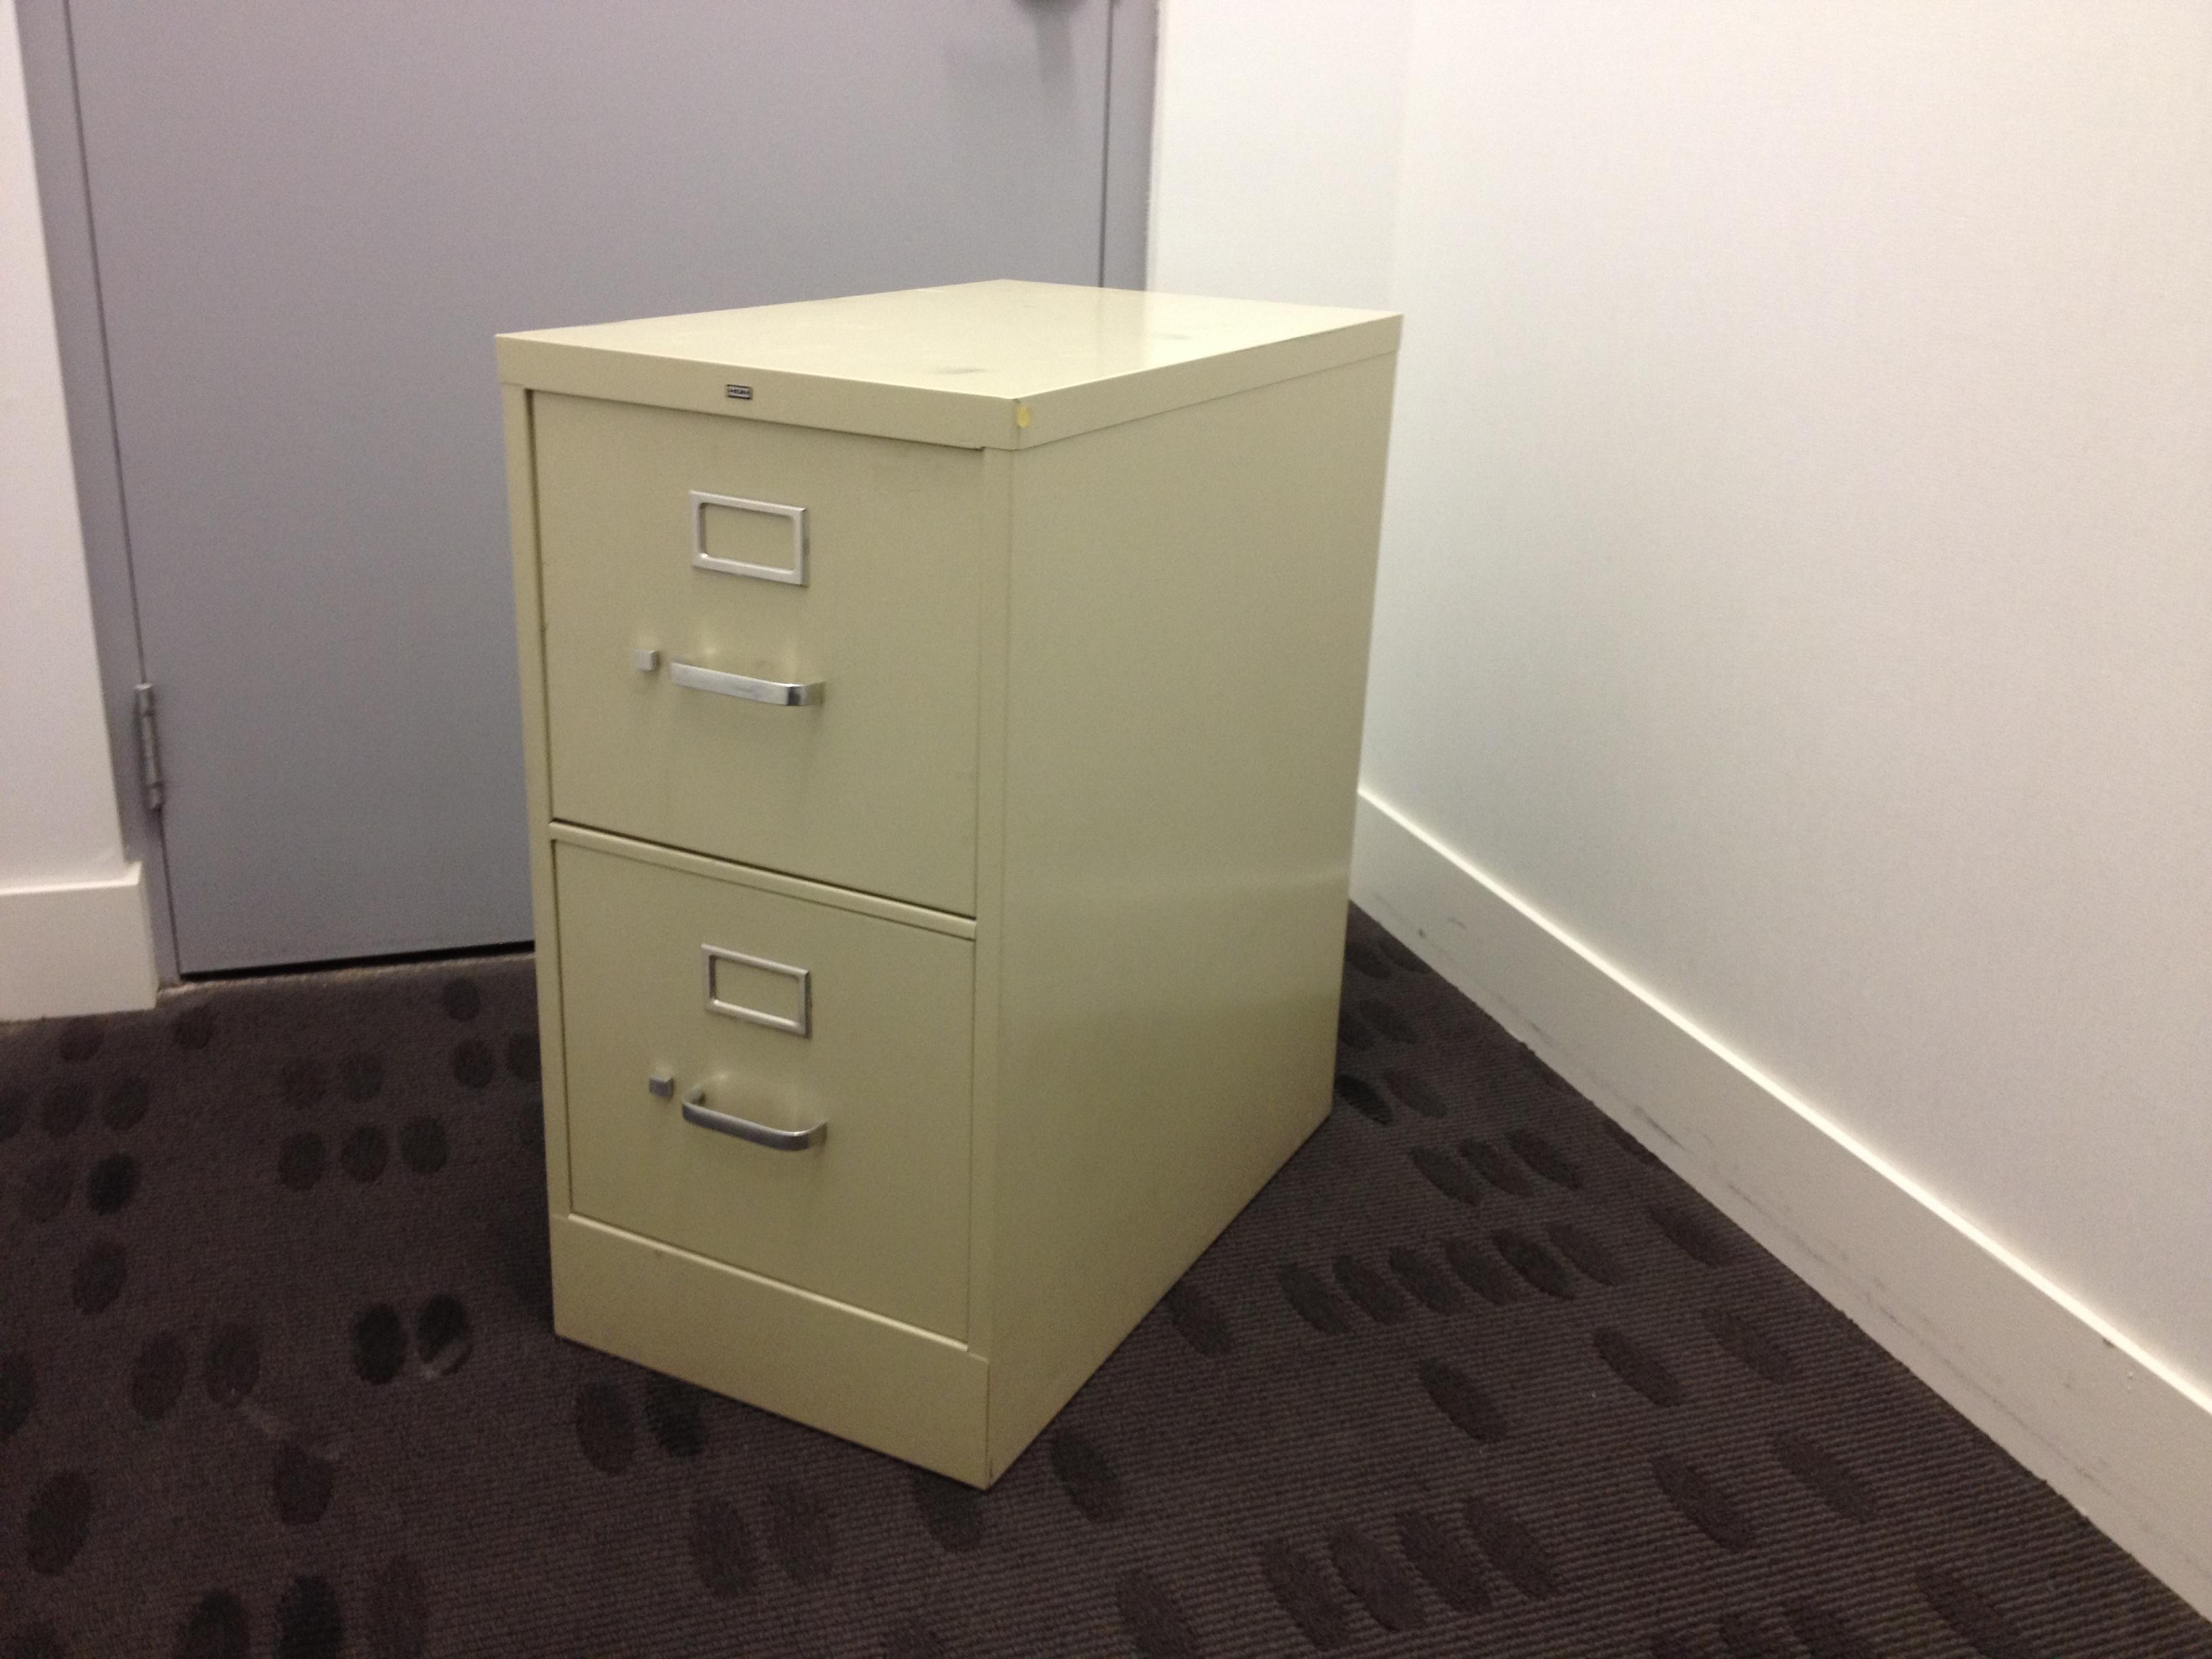 File:File Cabinet